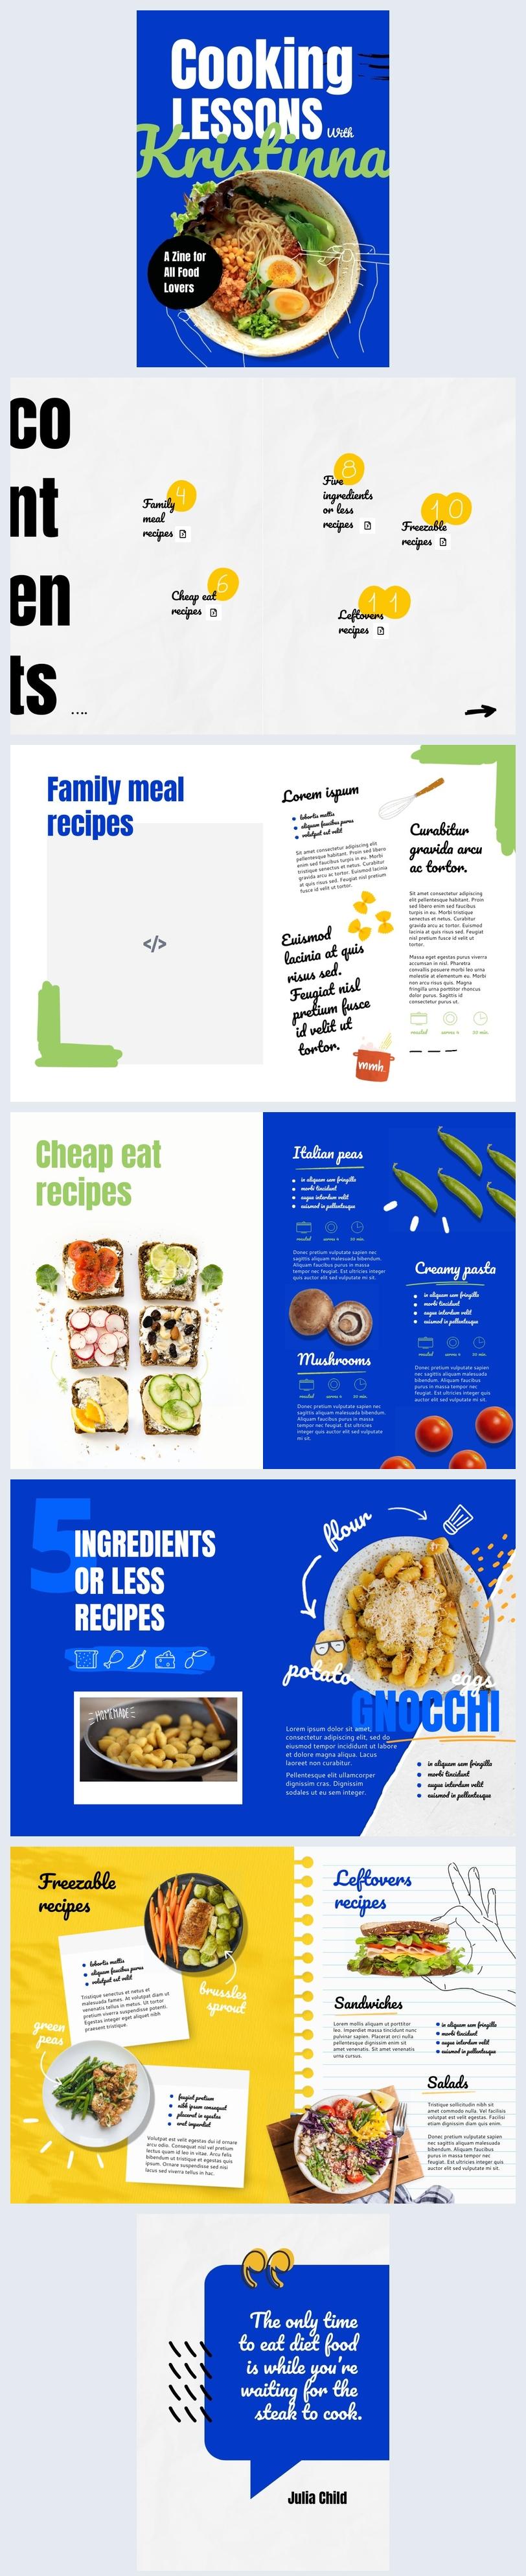 Esempio di grafica per catalogo alimentare interattivo